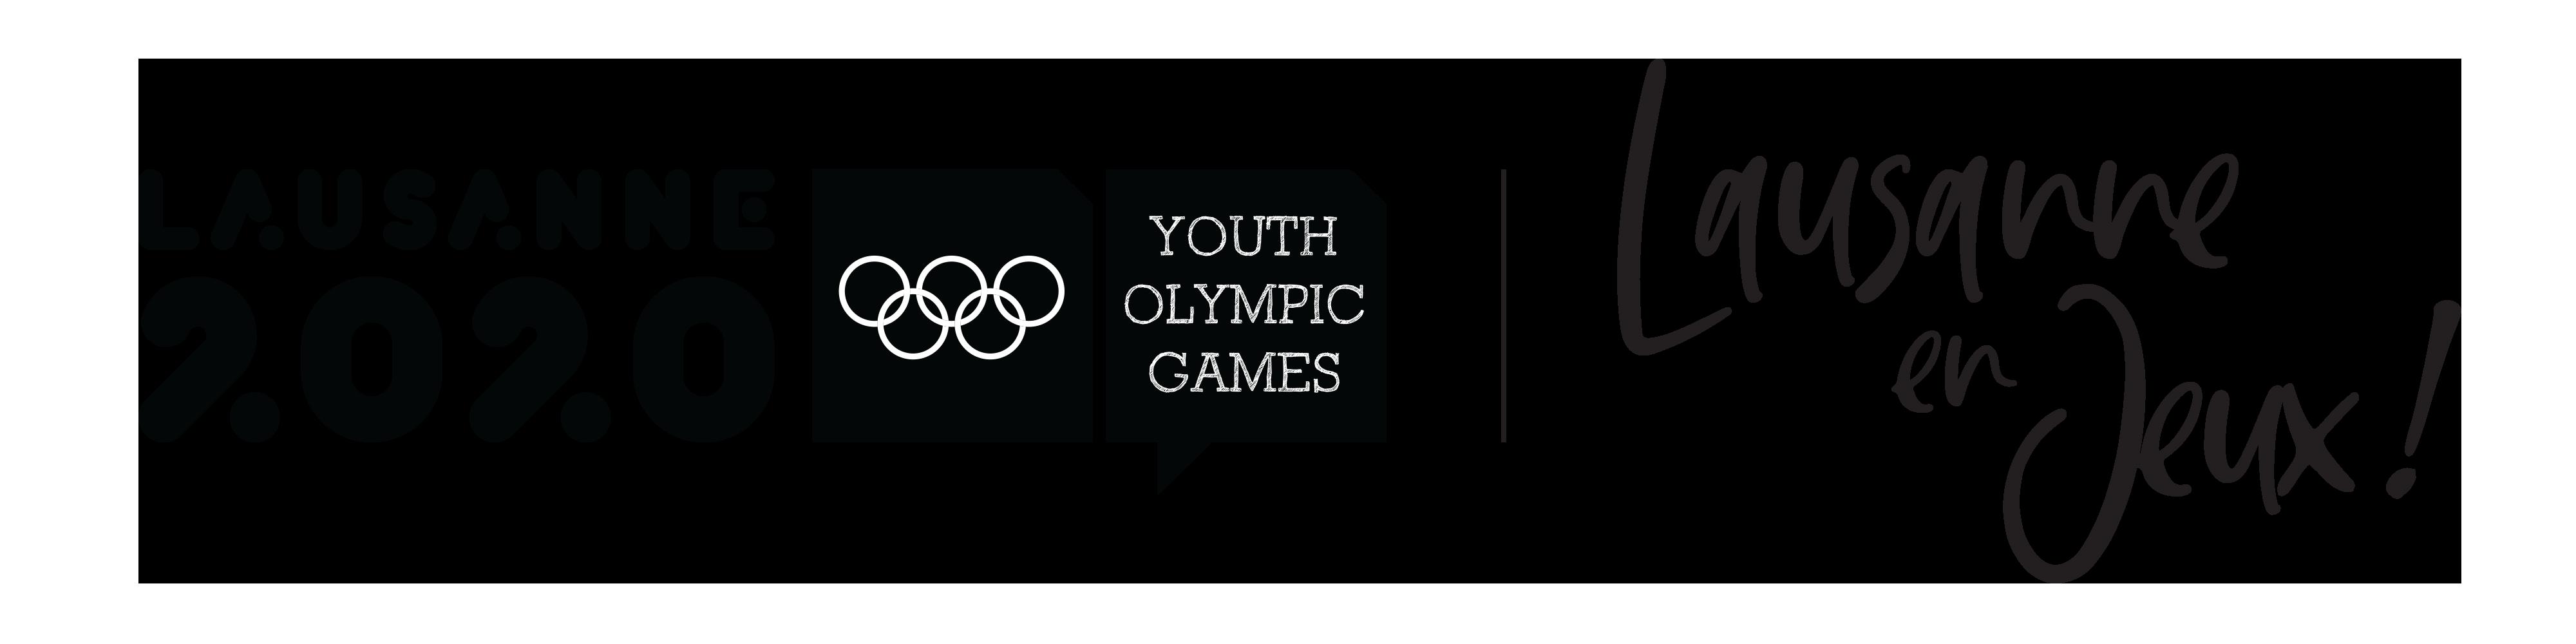 Lausanne en Jeux ! – Lausanne 2020